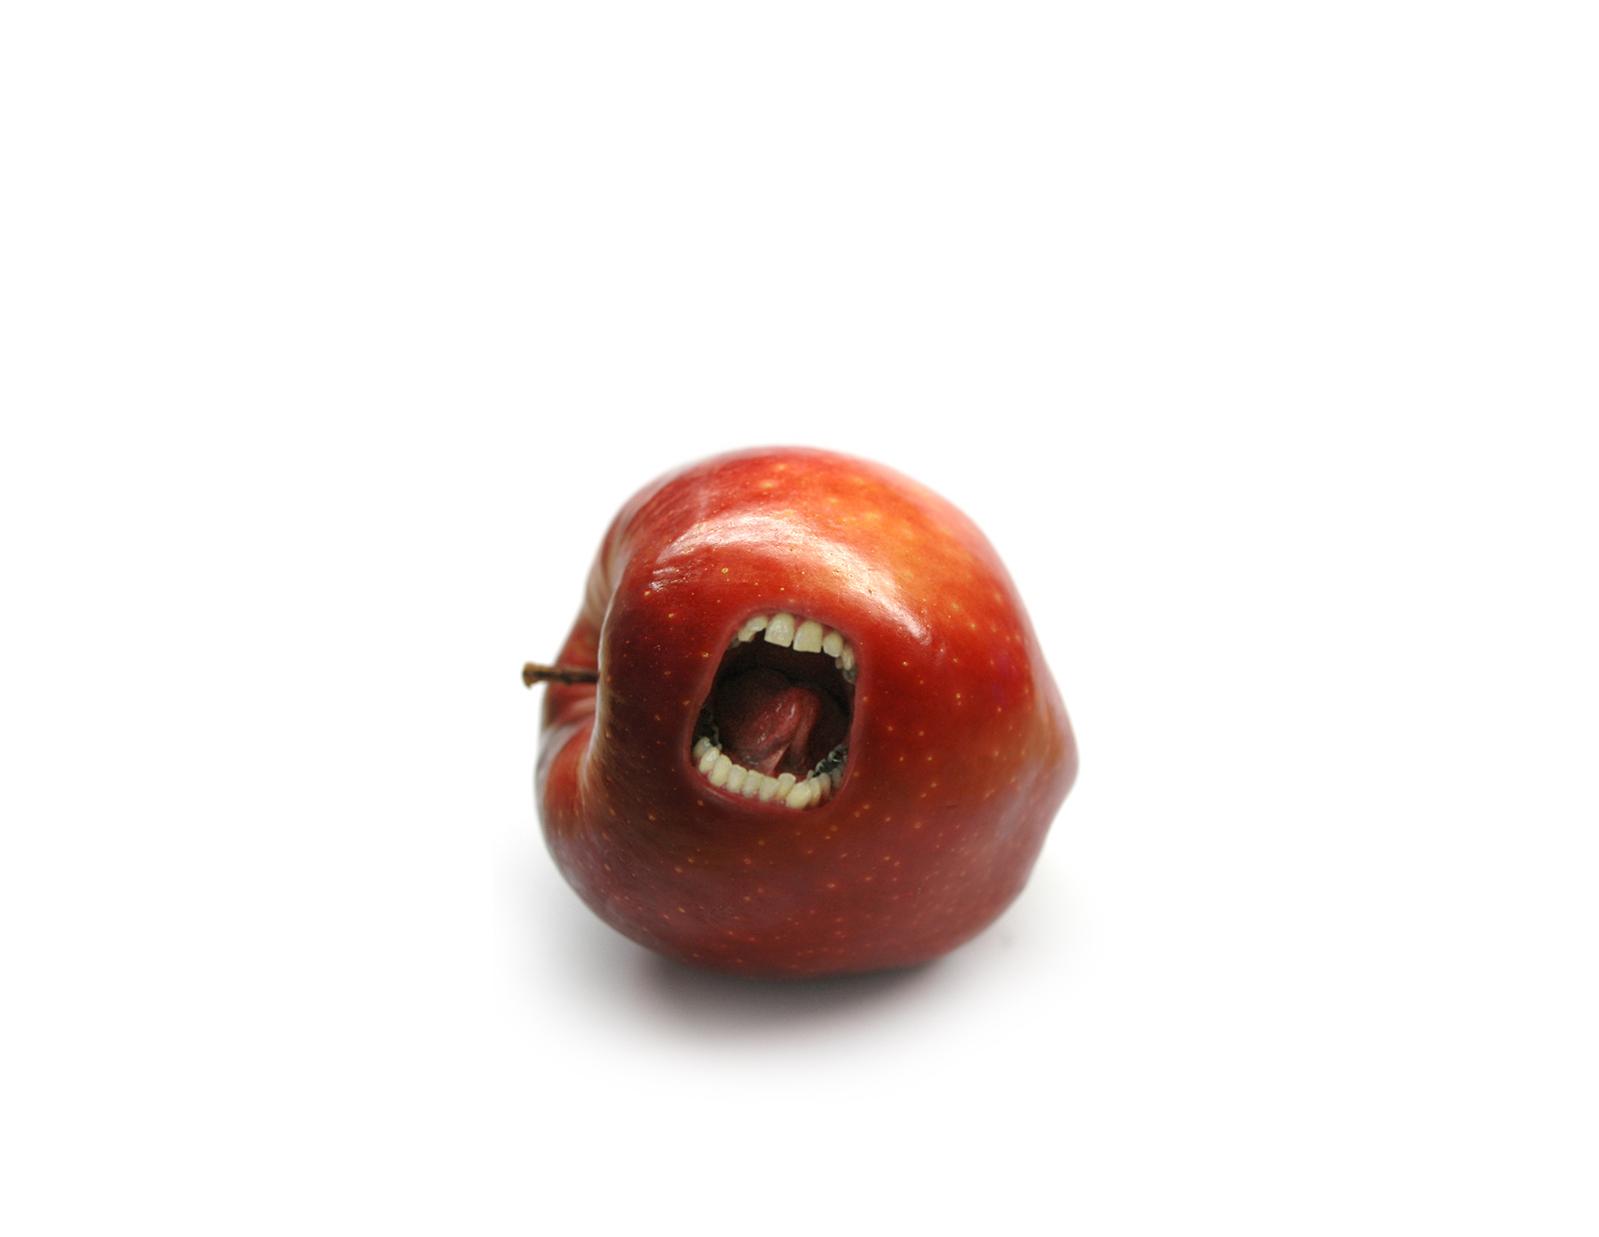 angry apple image